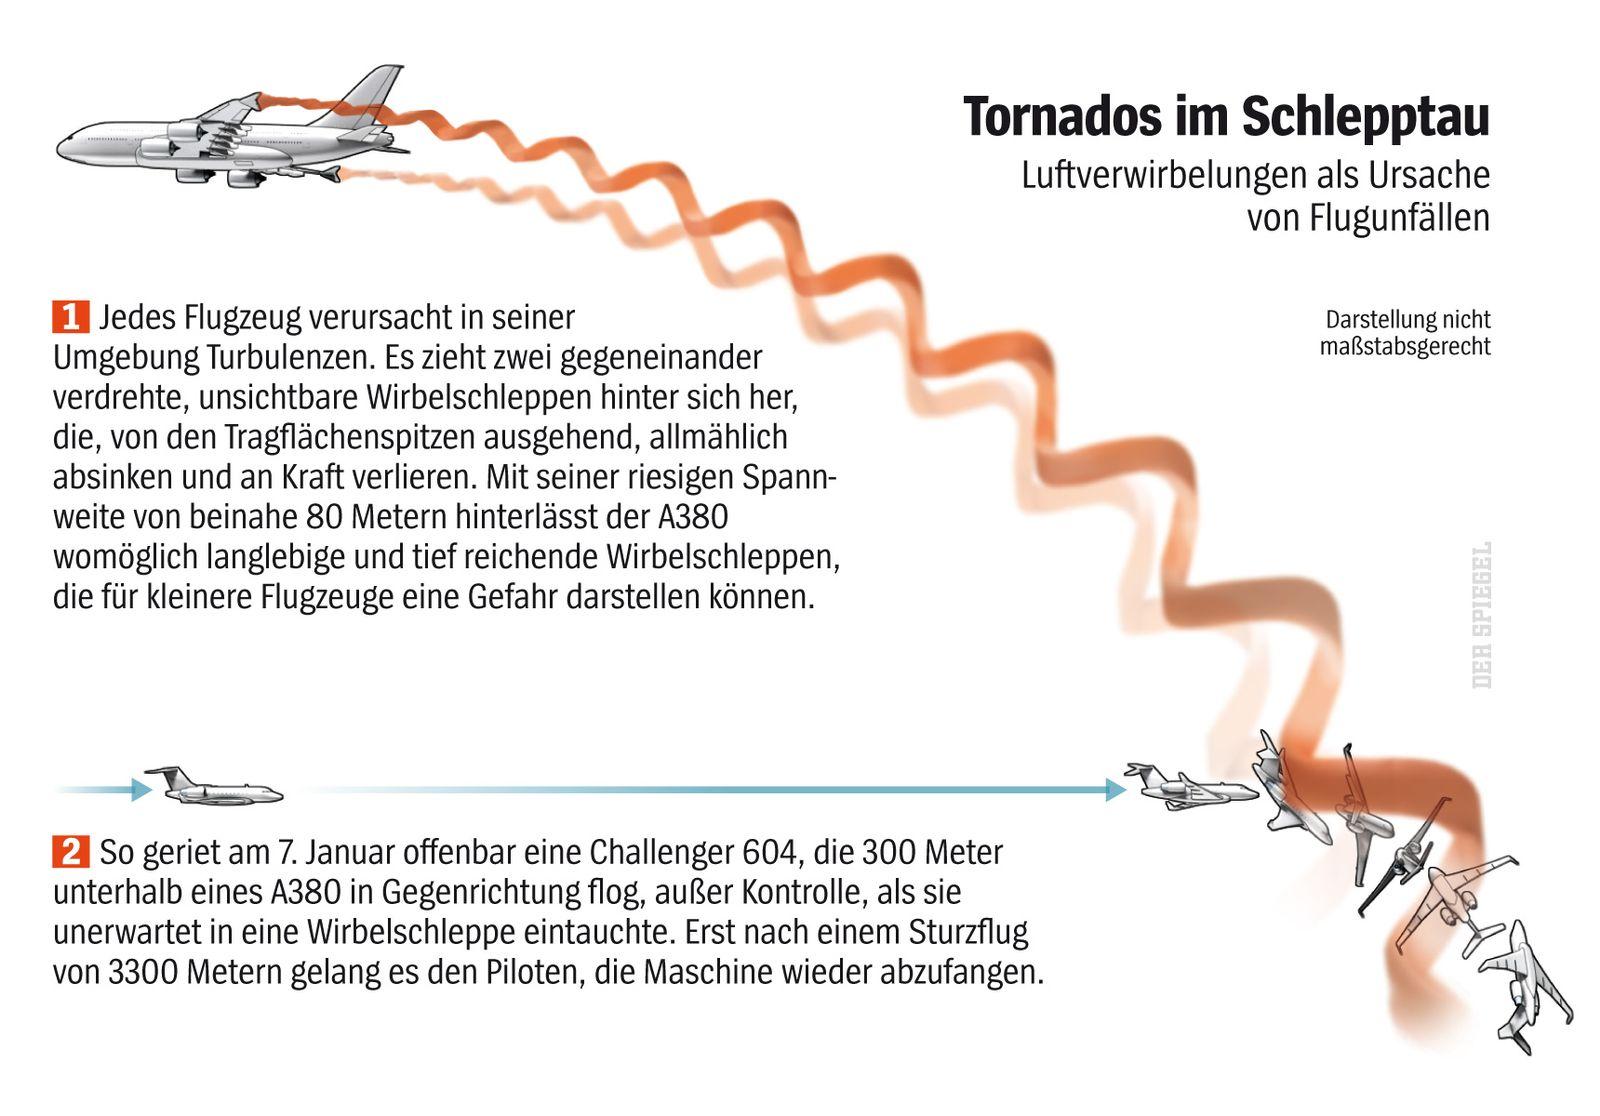 EINMALIGE VERWENDUNG SPIEGEL Plus SPIEGEL 12/2017 S. 108 Grafik A380